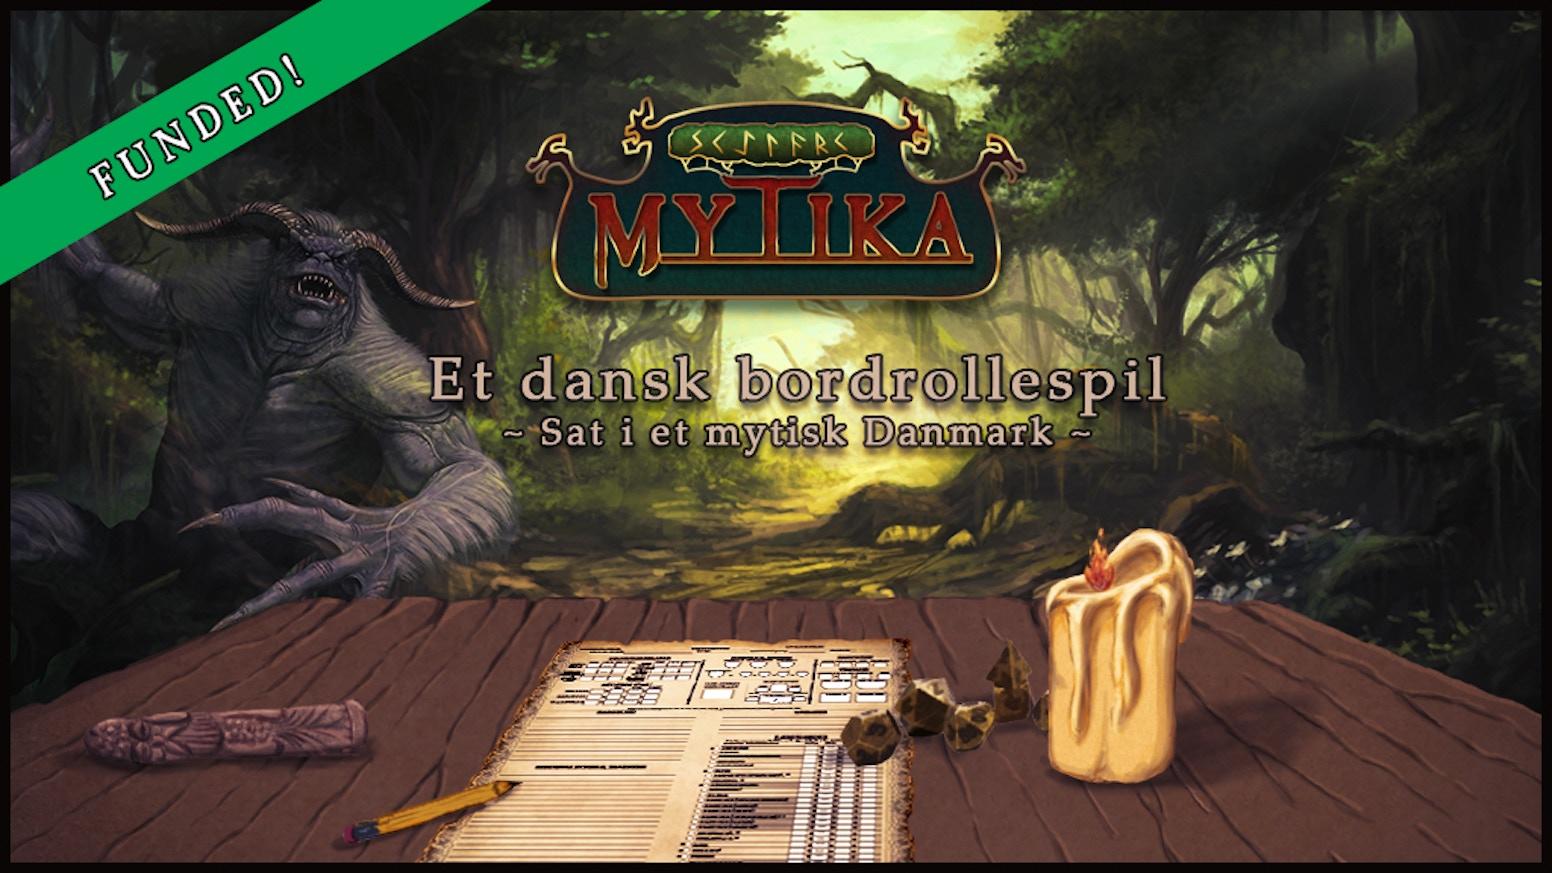 MYTIKA er et dansk bordrollespil, som udspiller sig i et mytisk Danmark. I spillet kommer du helt tæt på vikingetidens myter og sagn.